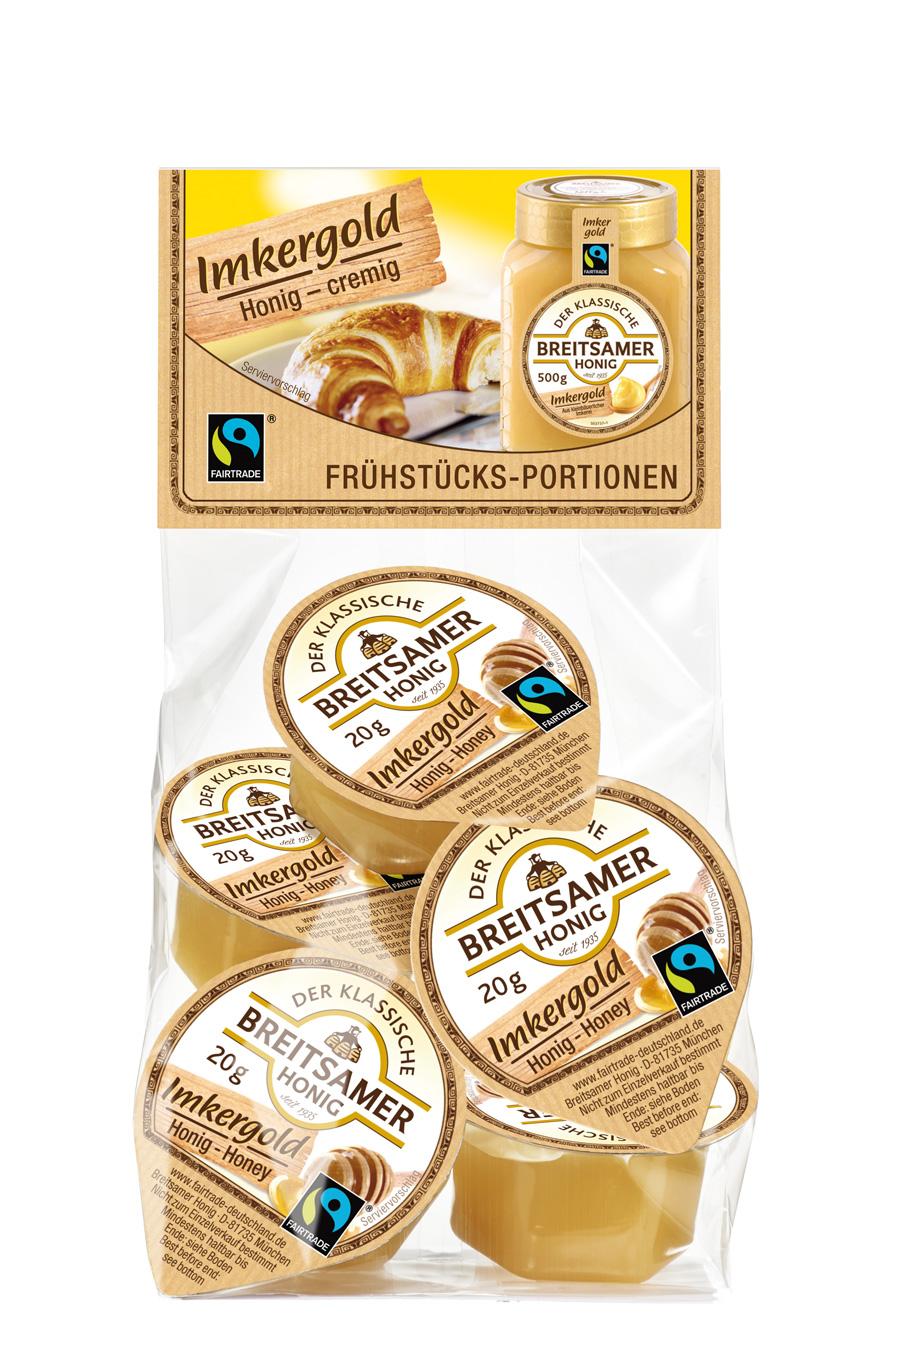 Imkergold Frühstücks-Portionen 5x20g, cremig